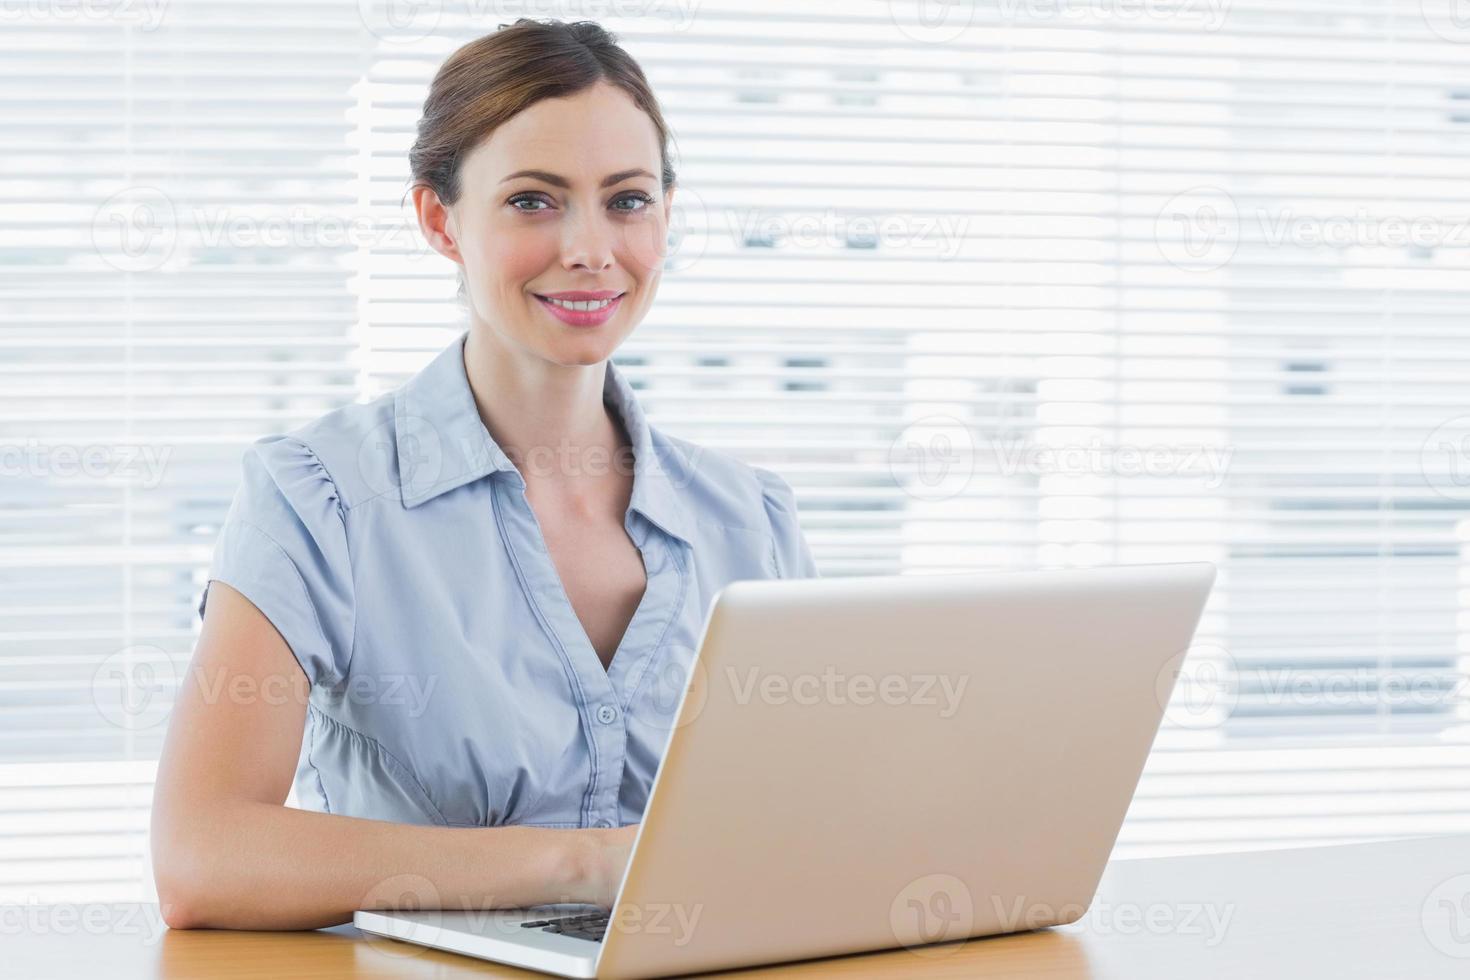 jovem empresária sorrindo foto